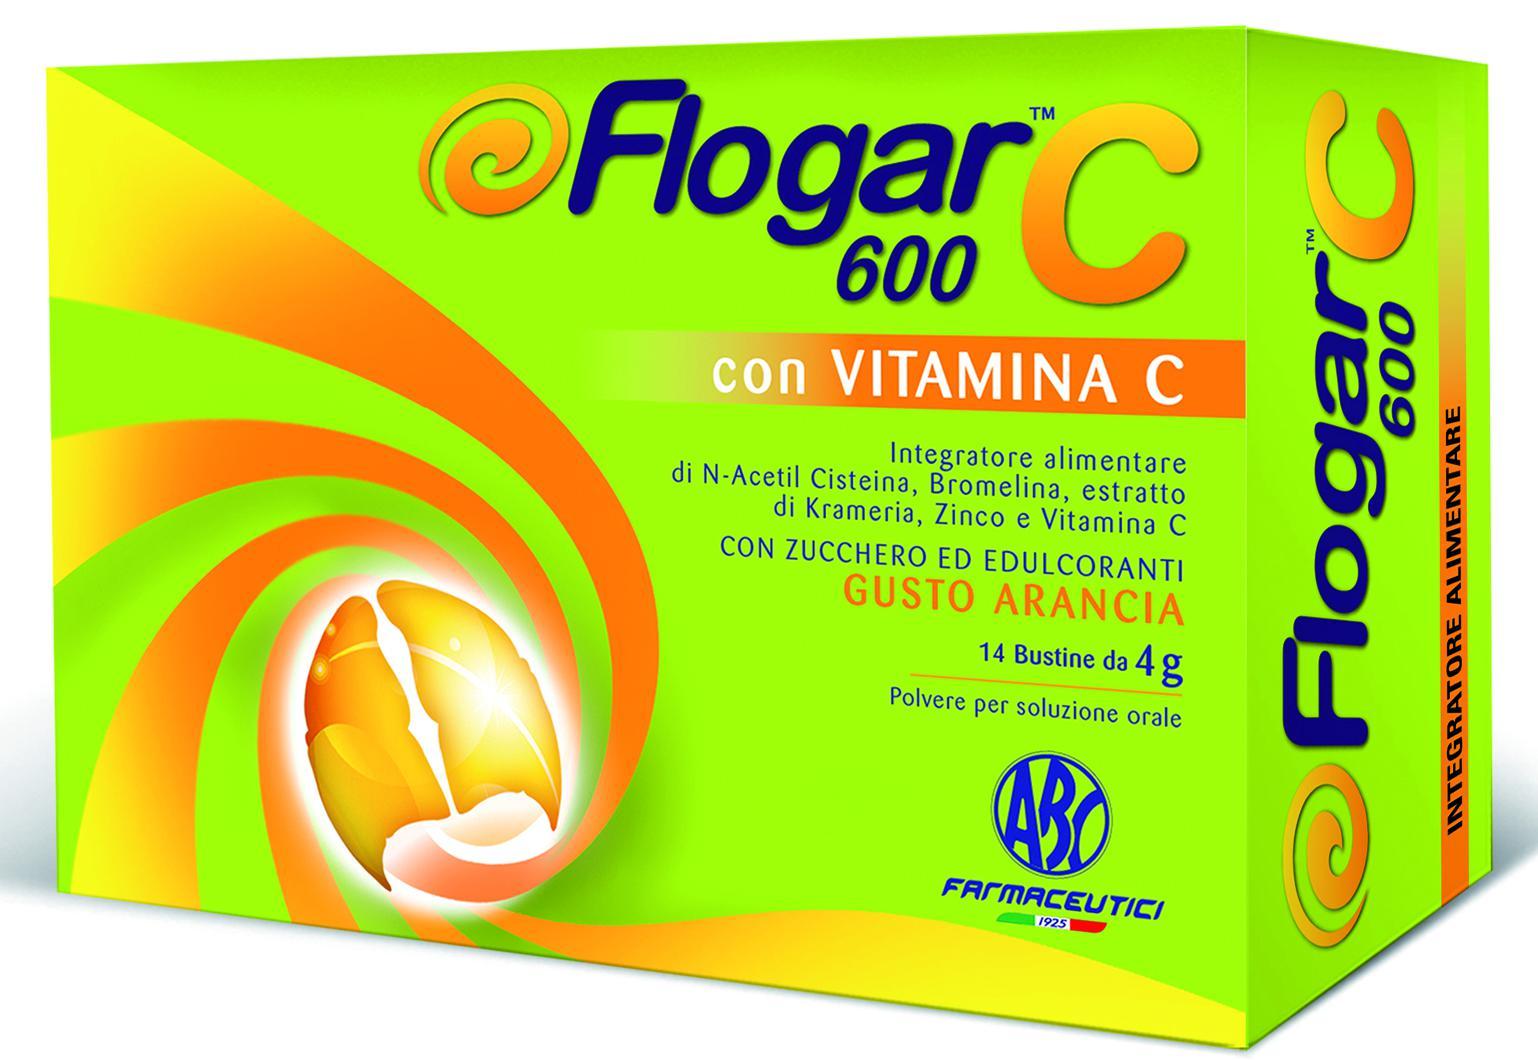 FLOGAR C 600